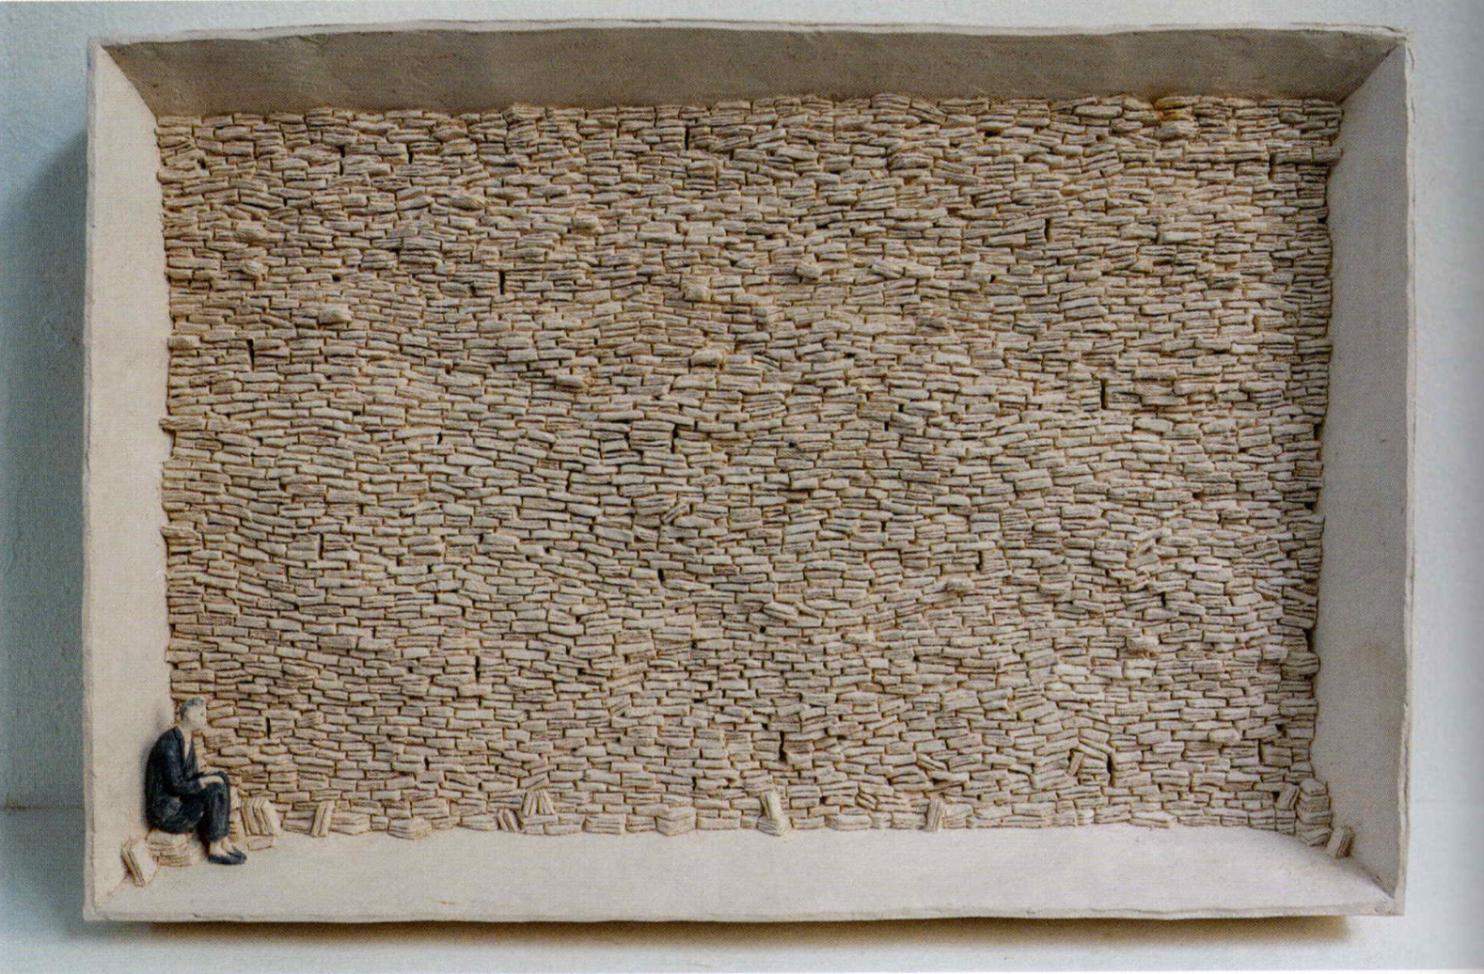 Pino Deodato - Feritorie, 2020, terracotta policroma, courtesy: Galleria Dep Art Milano, ph. Tommaso Correale